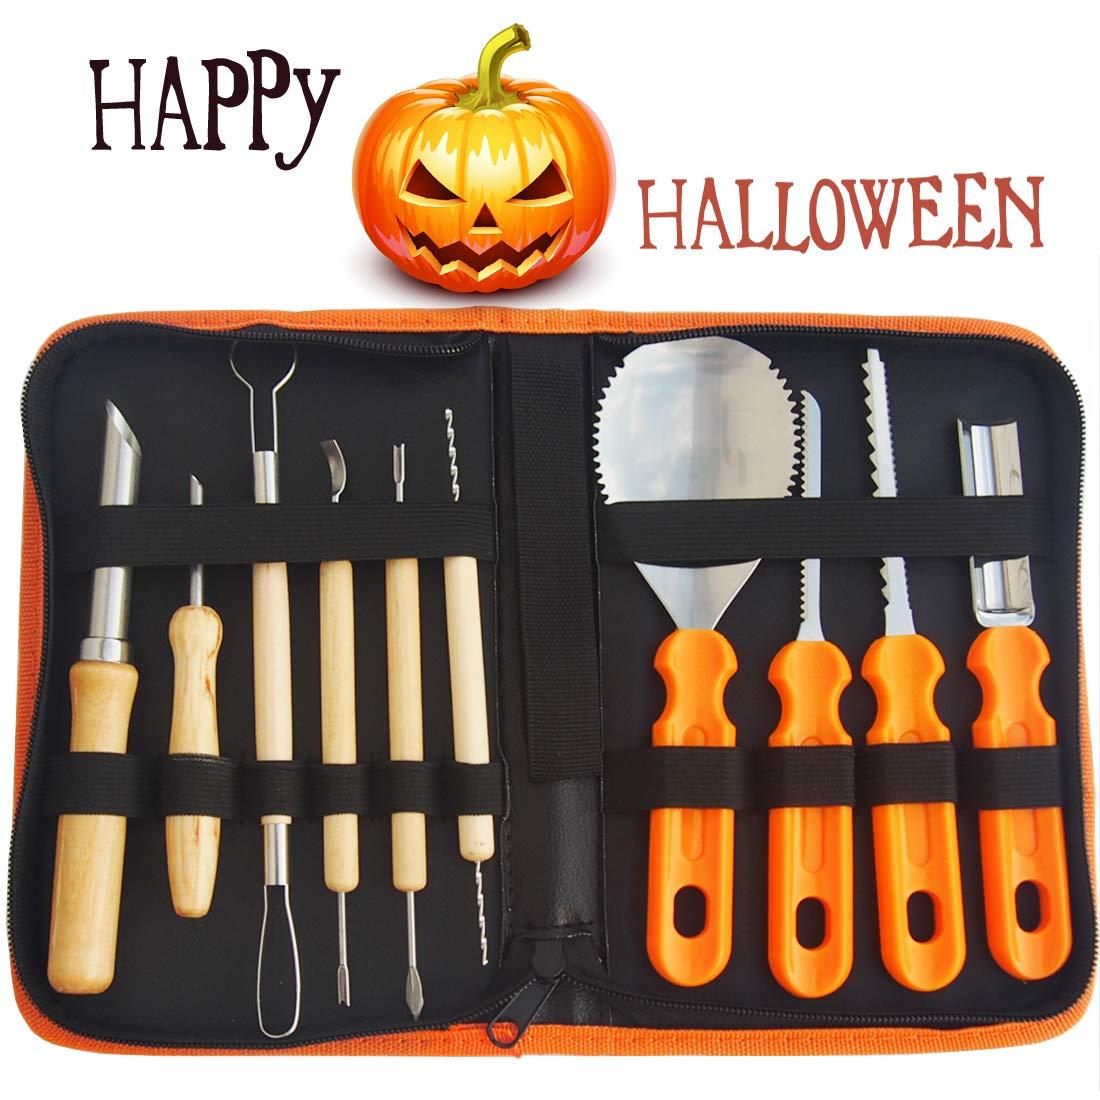 Gven Pumpkin Carving Kit- Pumpkin Carving Tools Jack-O-Lanterns Sculpting Set- 14 Cuts, Scoops, Scrapers, Saws, Loops- Halloween Tools